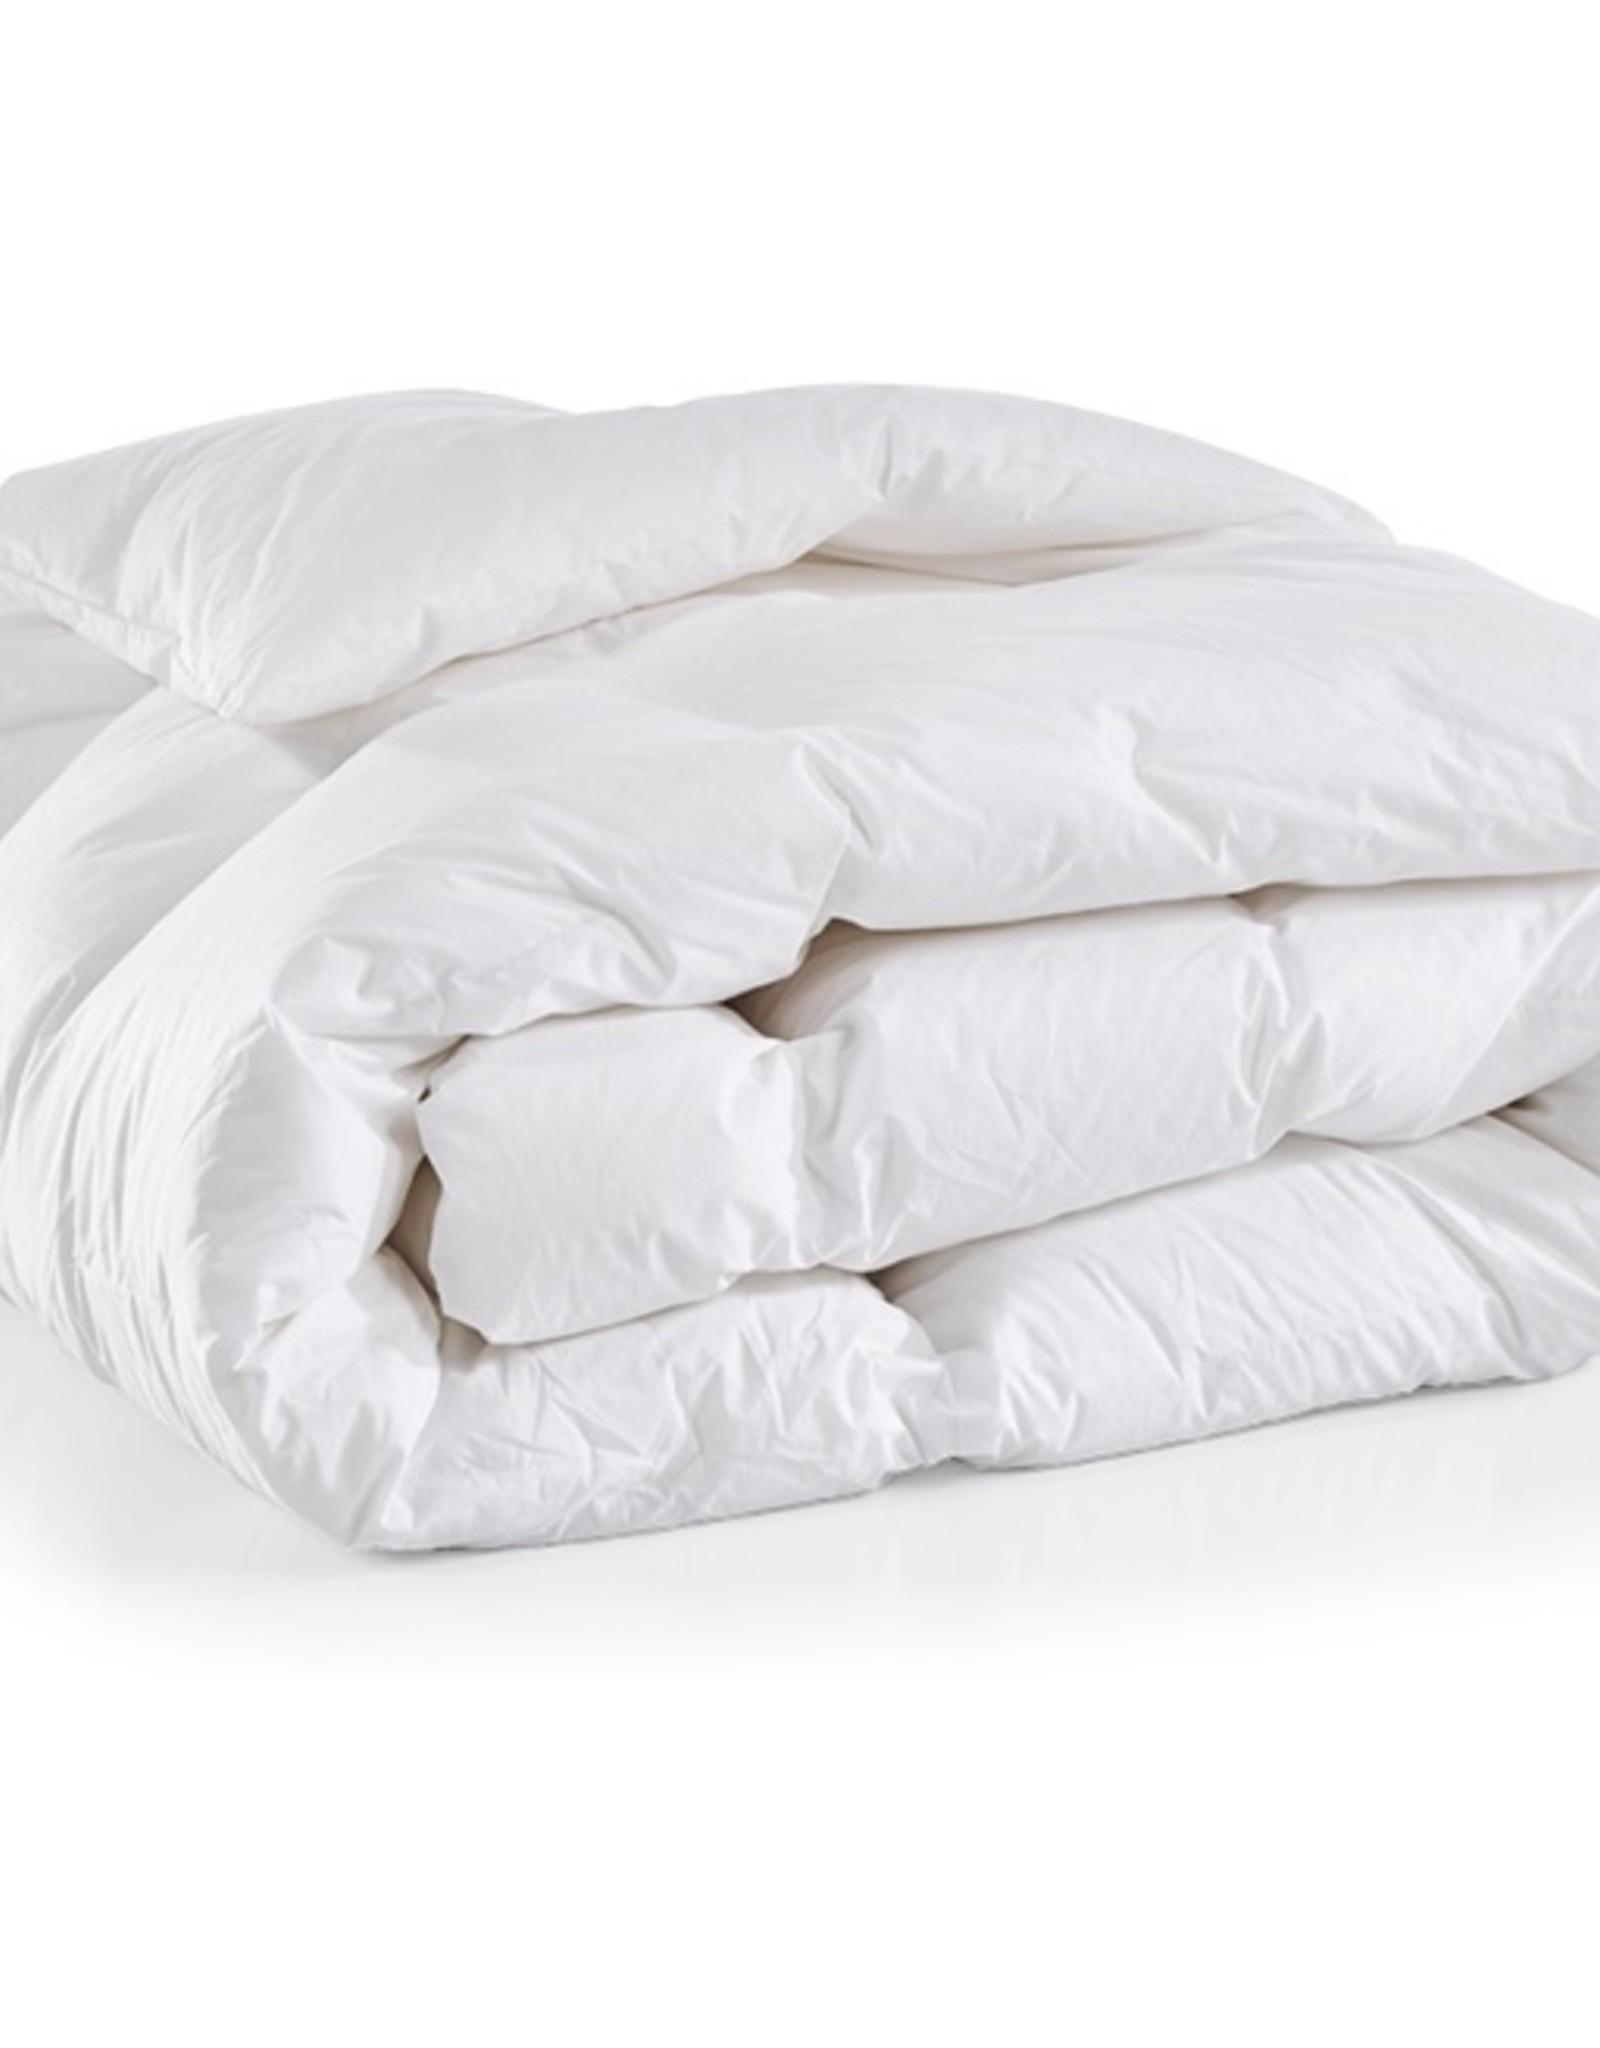 Sleepconsult Donsdeken Pilsner 100% Winter